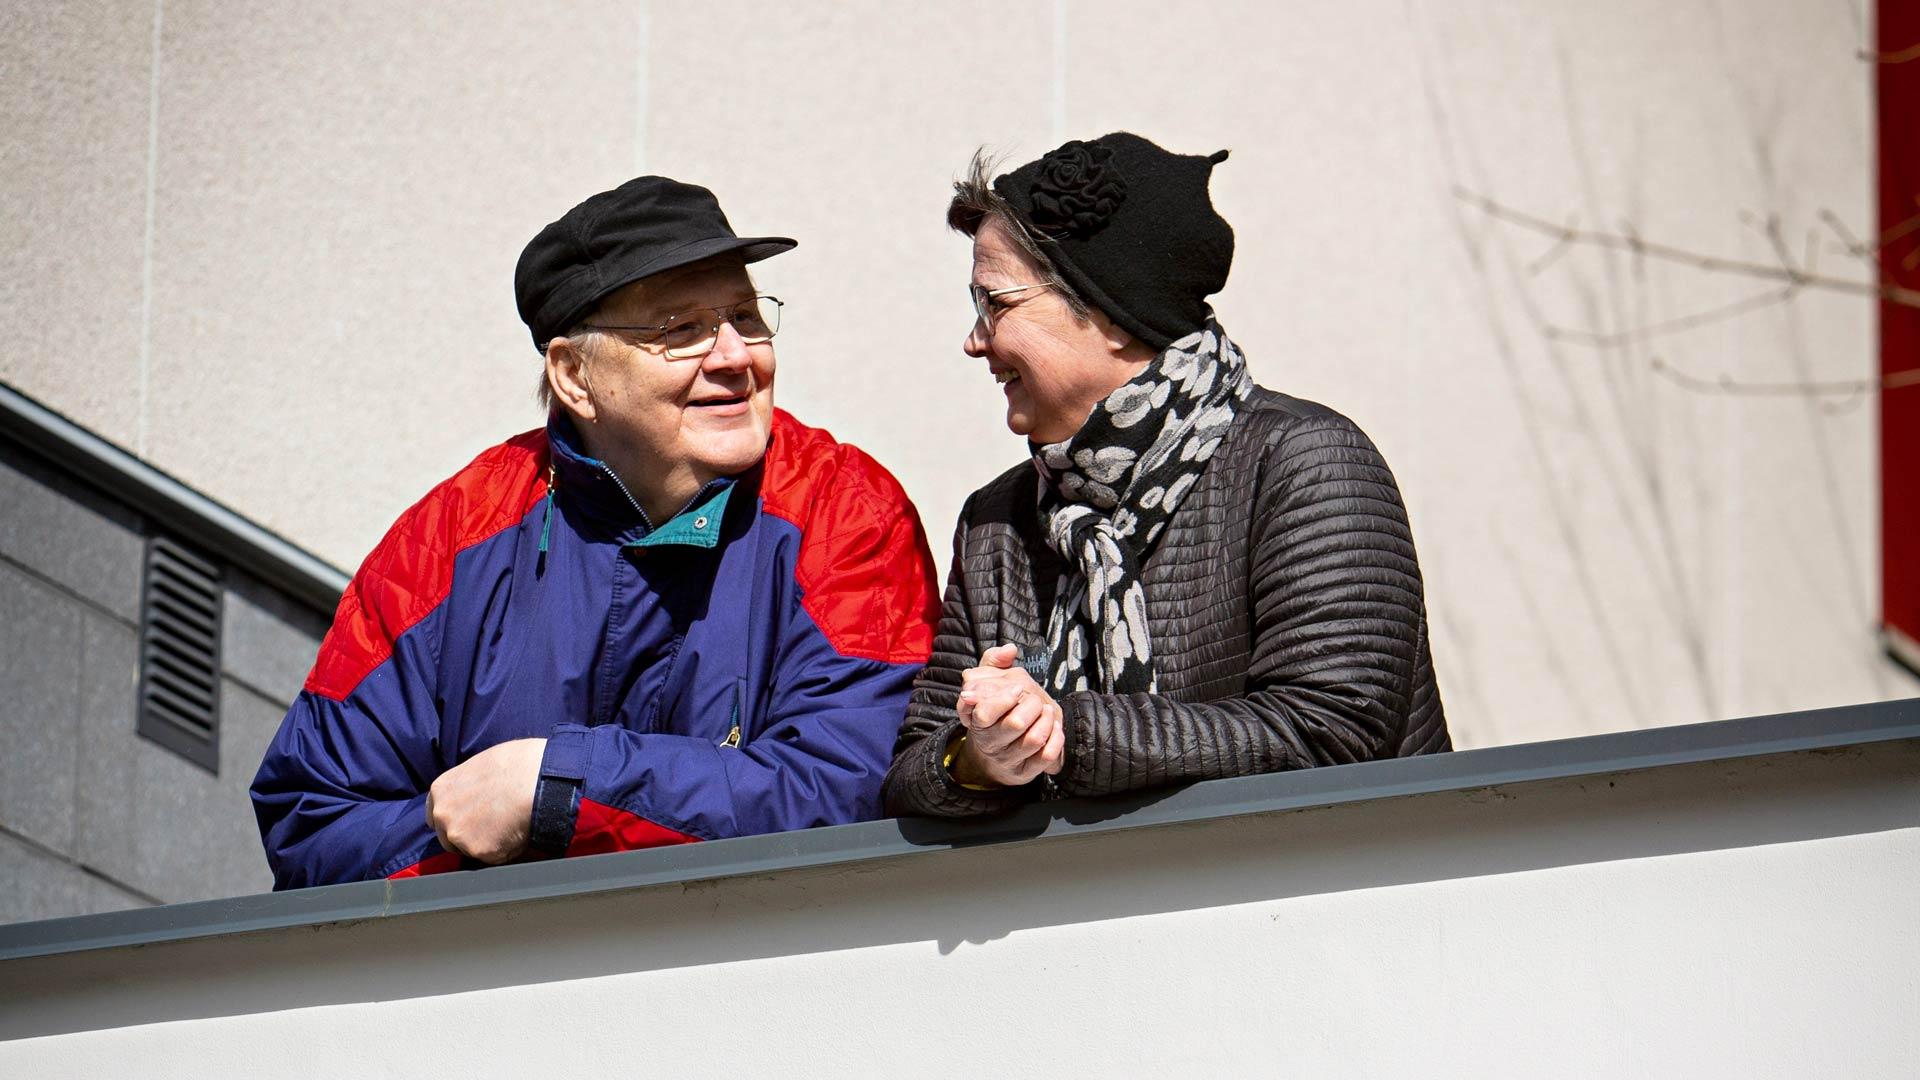 """Marja-Leena ja Jouko tuottavat Päijät-Hämeen Muistiyhdistyksen Facebook-sivulle päivittäin vlogia. """"Se pitää hyvin kiinni tässä päivässä."""""""